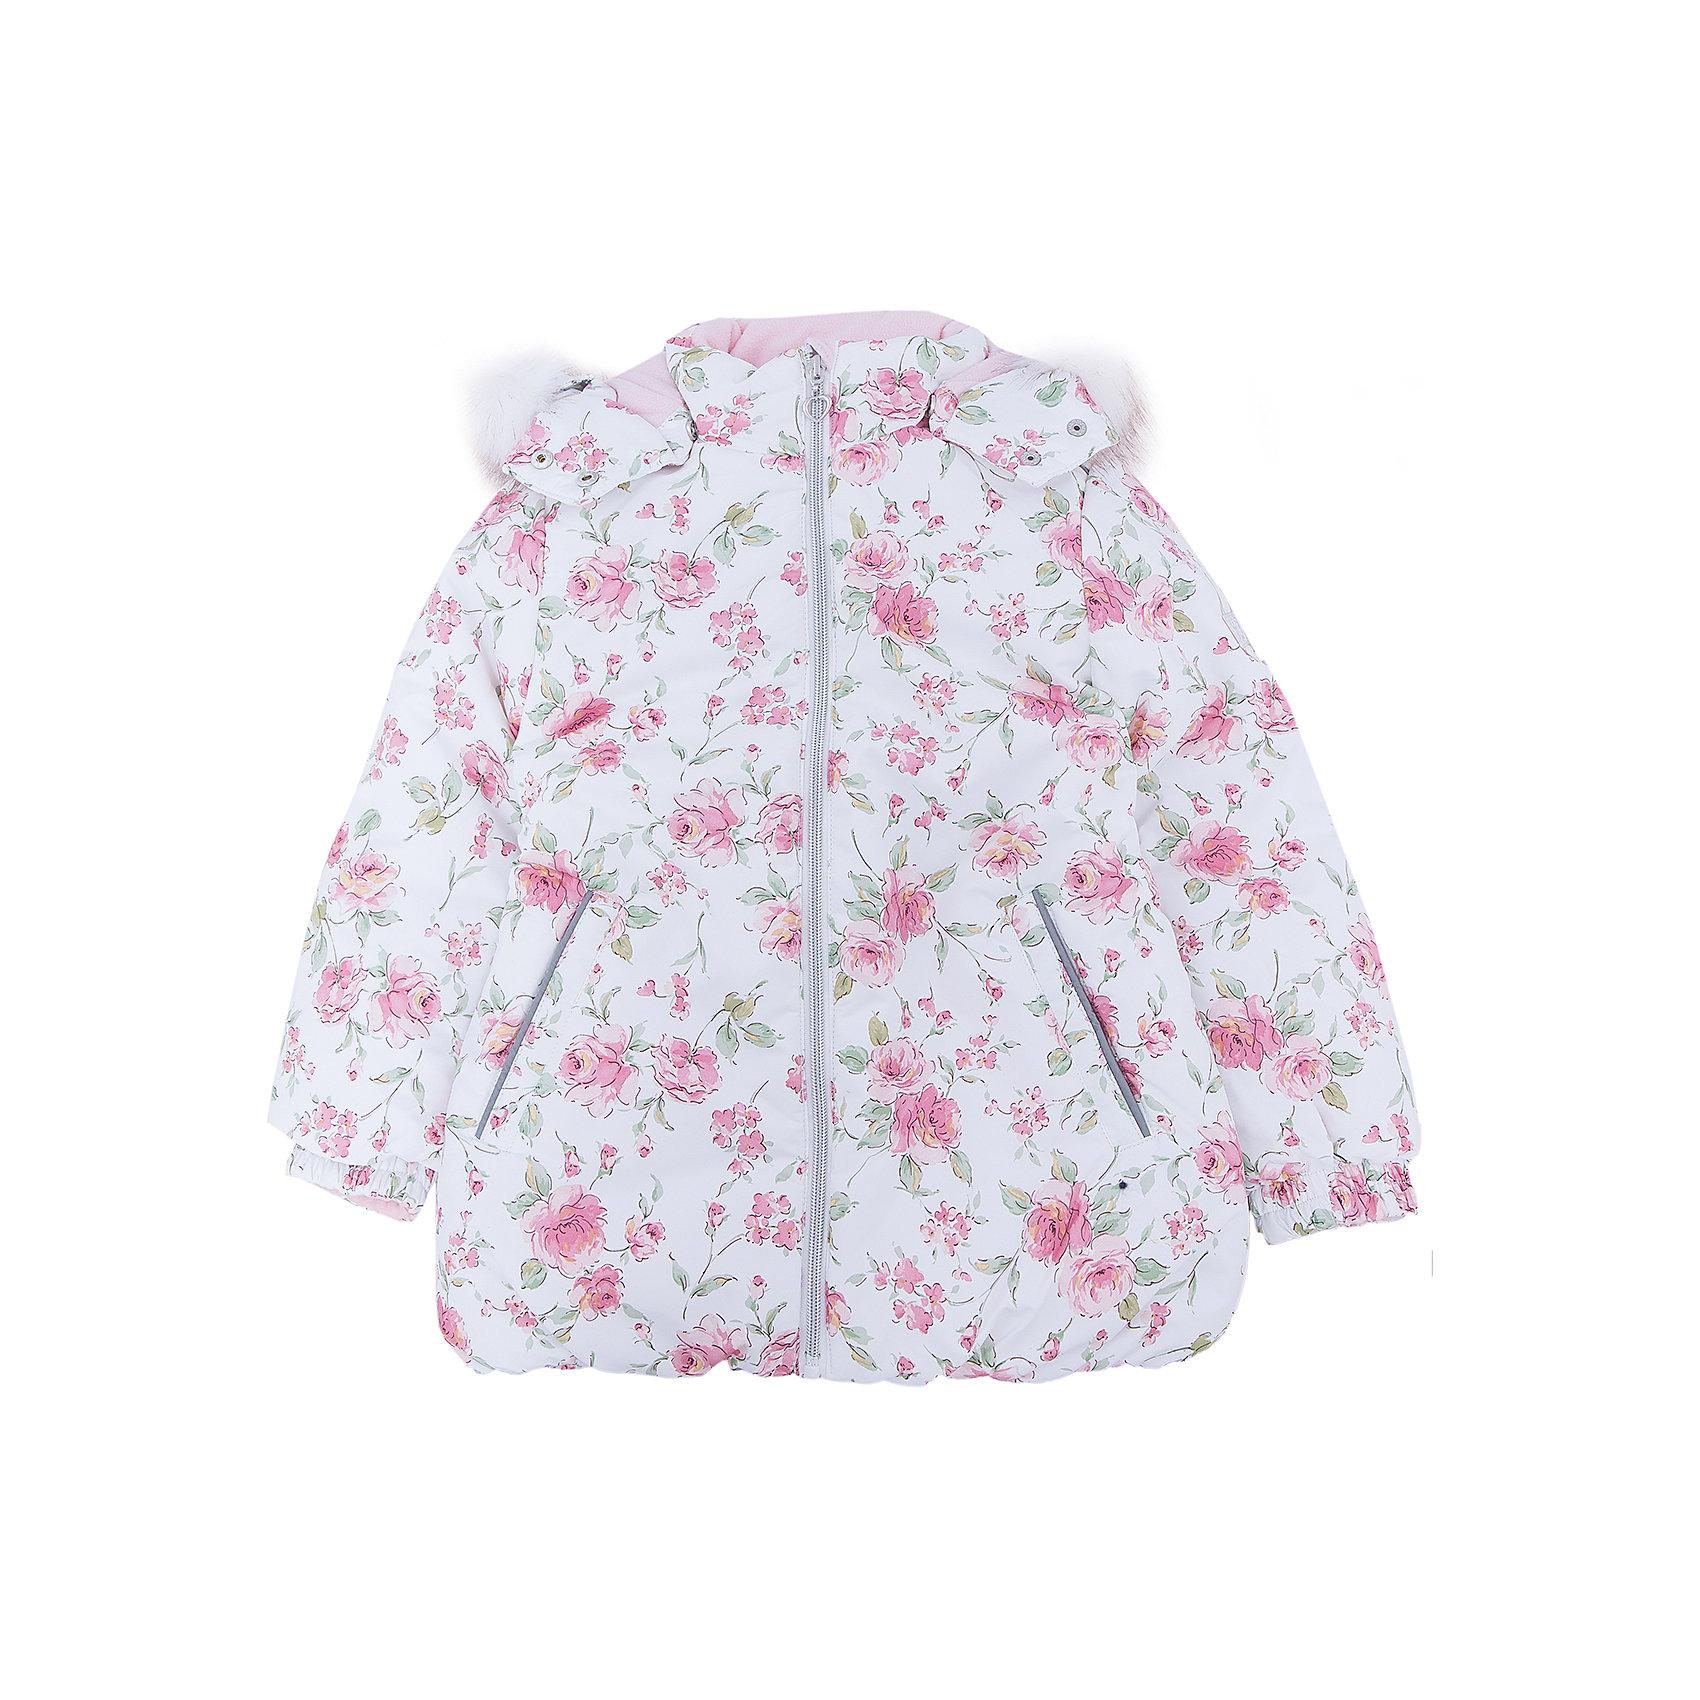 Куртка для девочки SELAТакая стильная утепленная куртка - незаменимая вещь в прохладное время года. Эта модель отлично сидит на ребенке, она сшита из плотного материала, позволяет гулять и заниматься спортом на свежем воздухе. Подкладка и утеплитель обеспечивают ребенку комфорт. Модель дополнена капюшоном и карманами.<br>Одежда от бренда Sela (Села) - это качество по приемлемым ценам. Многие российские родители уже оценили преимущества продукции этой компании и всё чаще приобретают одежду и аксессуары Sela.<br><br>Дополнительная информация:<br><br>цвет: разноцветный;<br>материал: 100% ПЭ; подкладка:100% ПЭ; утеплитель:100% ПЭ; мех: искусственный;<br>капюшон;<br>карманы;<br>молния.<br><br>Куртку для девочки от бренда Sela можно купить в нашем интернет-магазине.<br><br>Ширина мм: 356<br>Глубина мм: 10<br>Высота мм: 245<br>Вес г: 519<br>Цвет: бежевый<br>Возраст от месяцев: 36<br>Возраст до месяцев: 48<br>Пол: Женский<br>Возраст: Детский<br>Размер: 104,116,98,110<br>SKU: 4912964